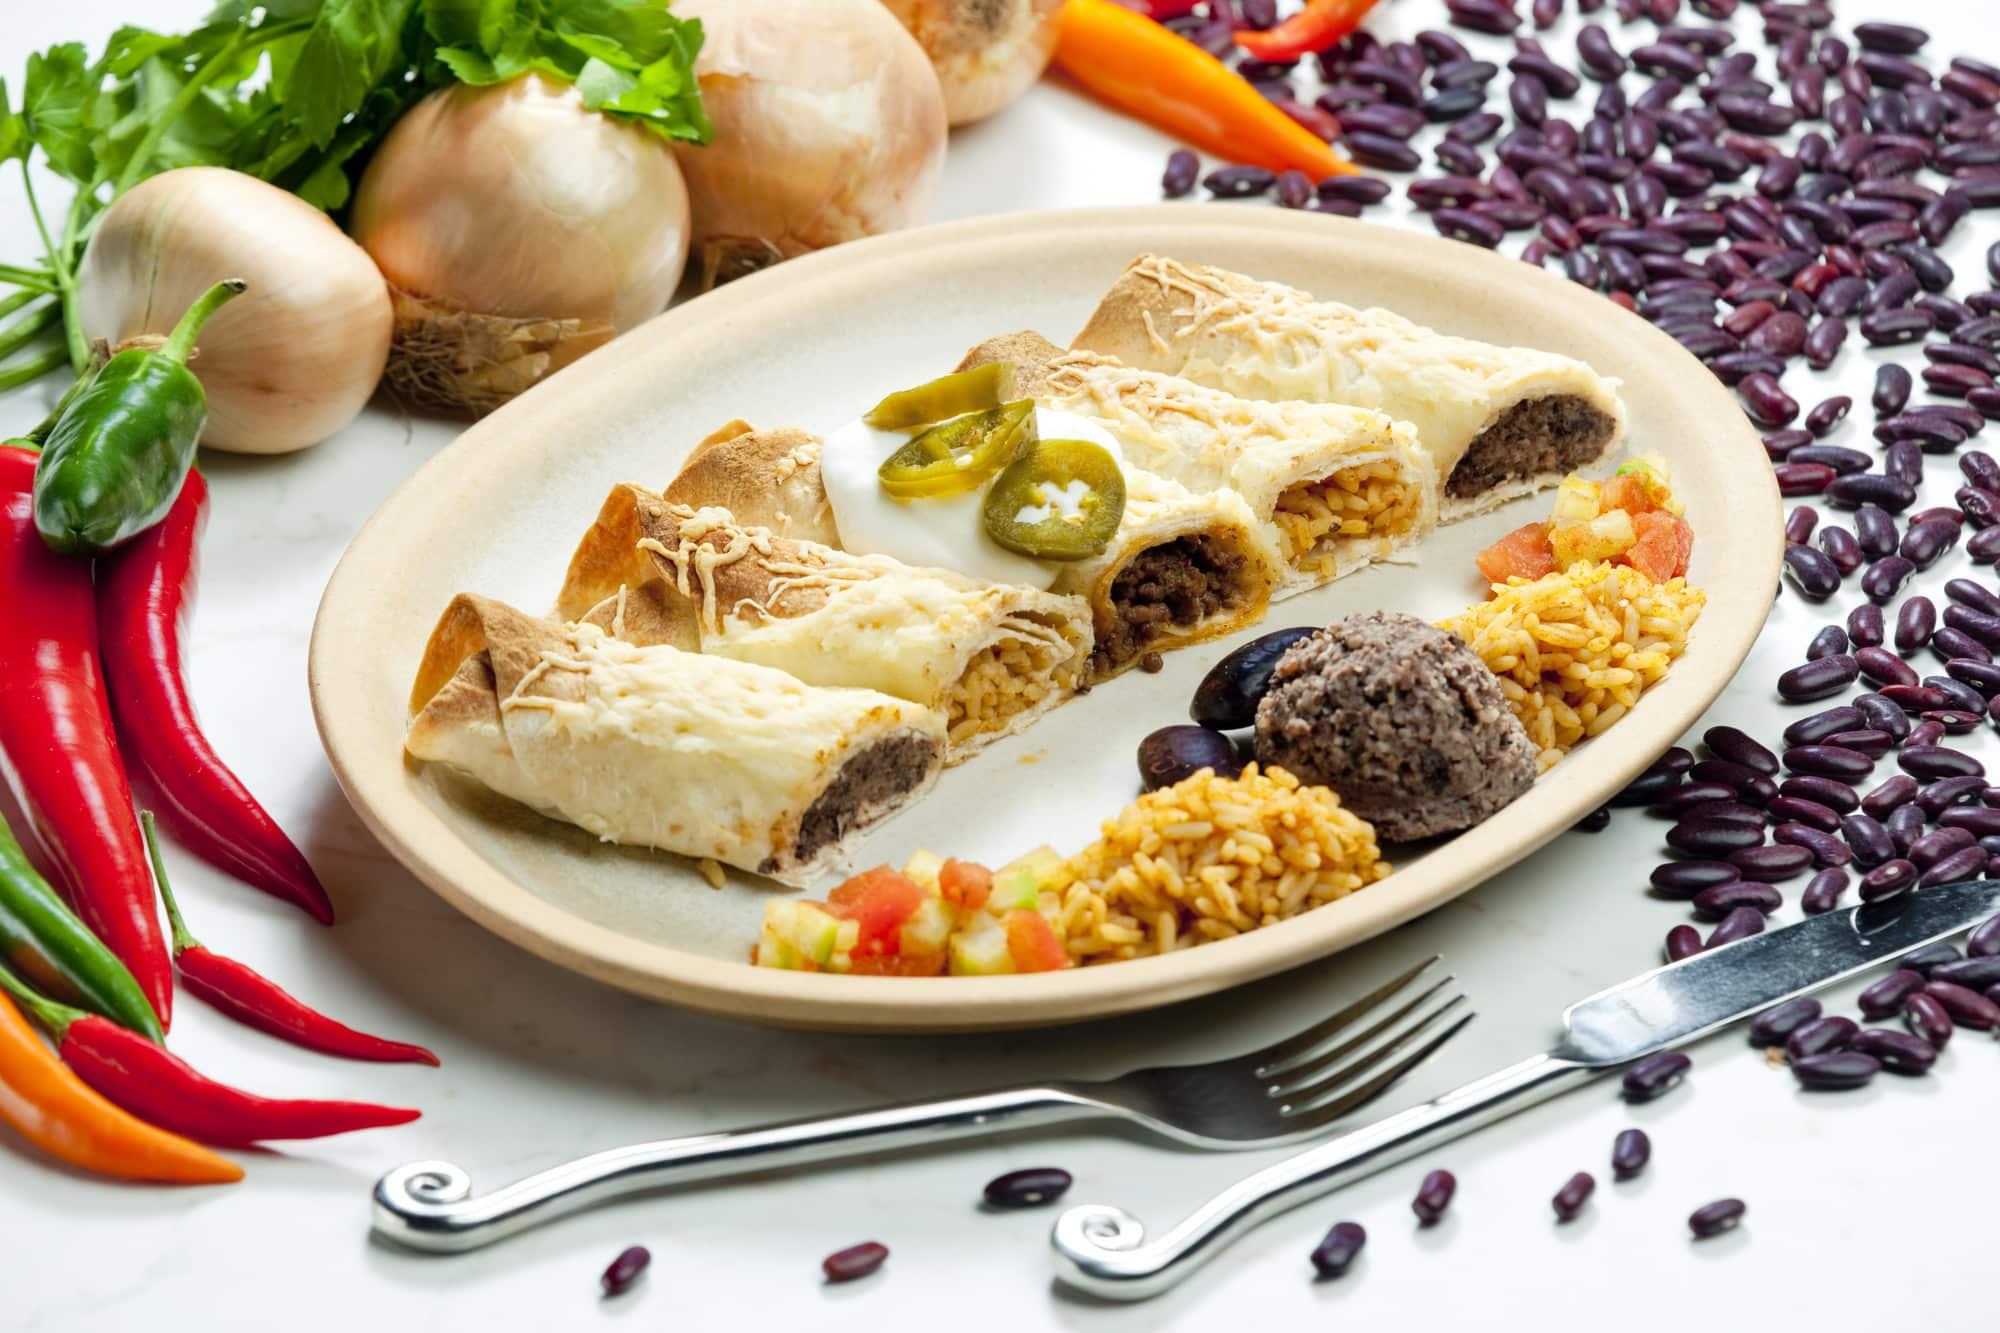 Burritos con alubias y arroz, Mexico